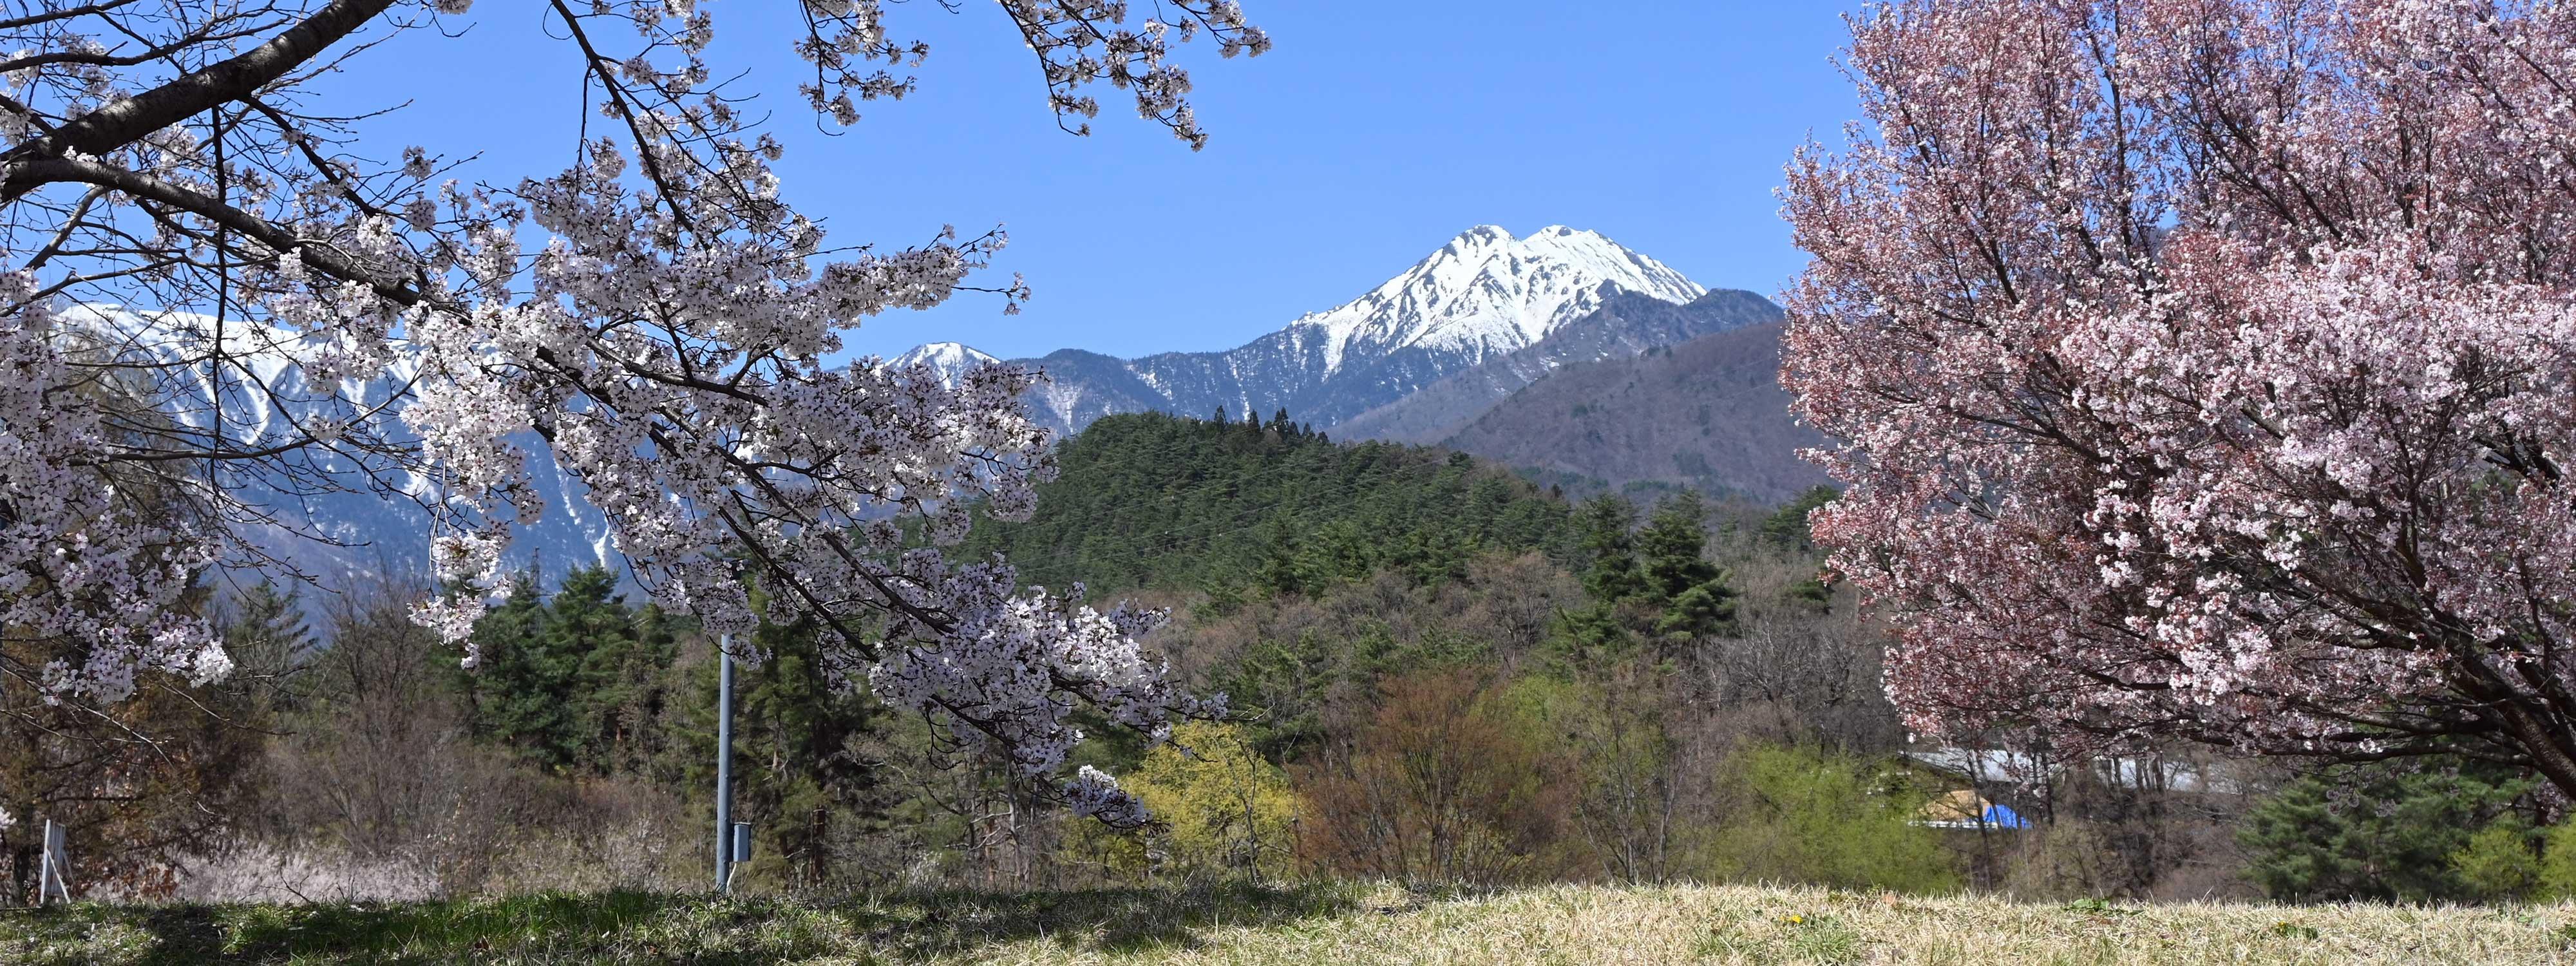 2021/12/17【常念岳と桜の花】